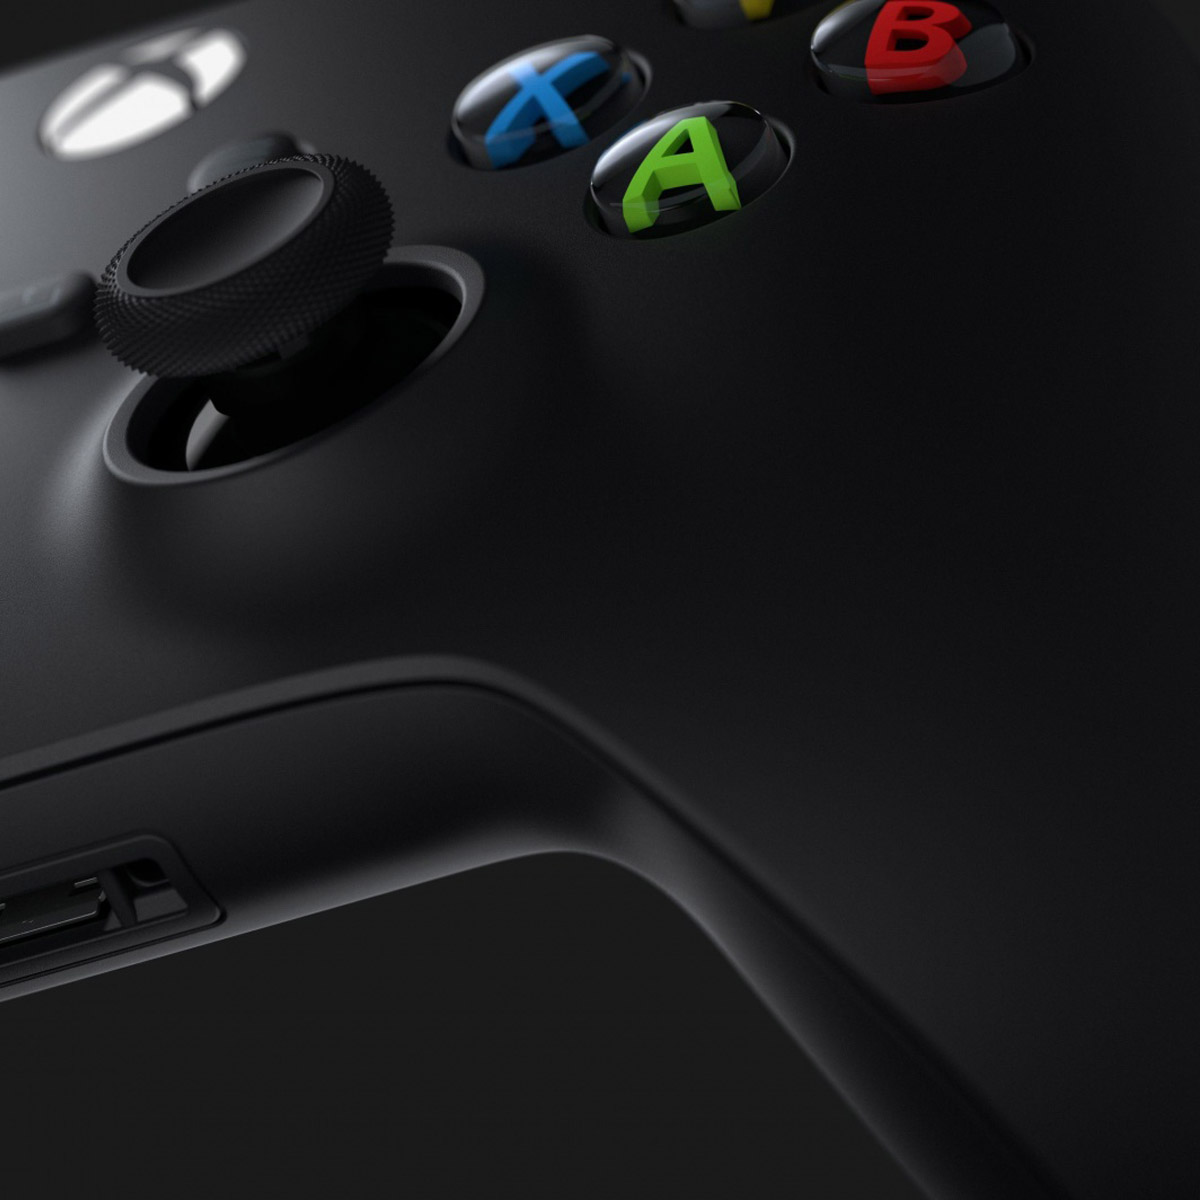 ТОП Лучшие аксессуары для Xbox Seies X